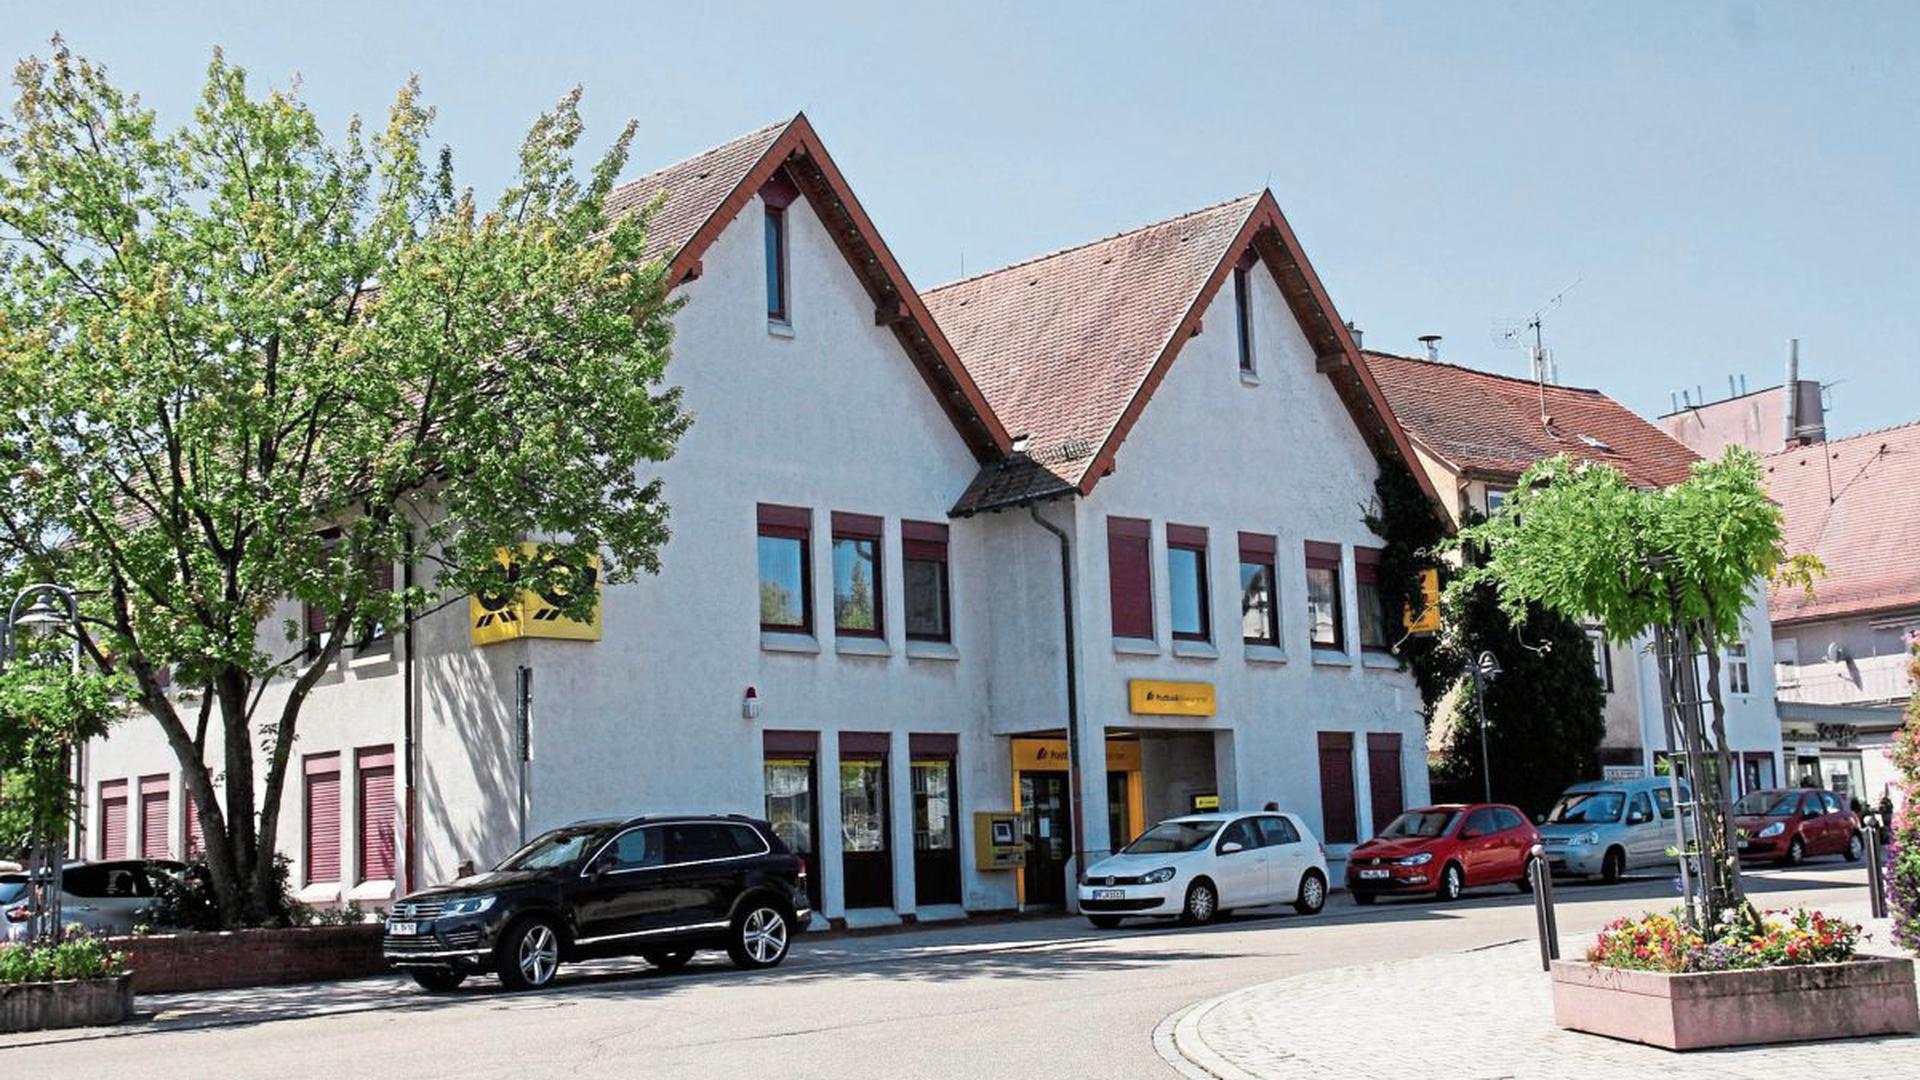 Postbank Birkenfeld